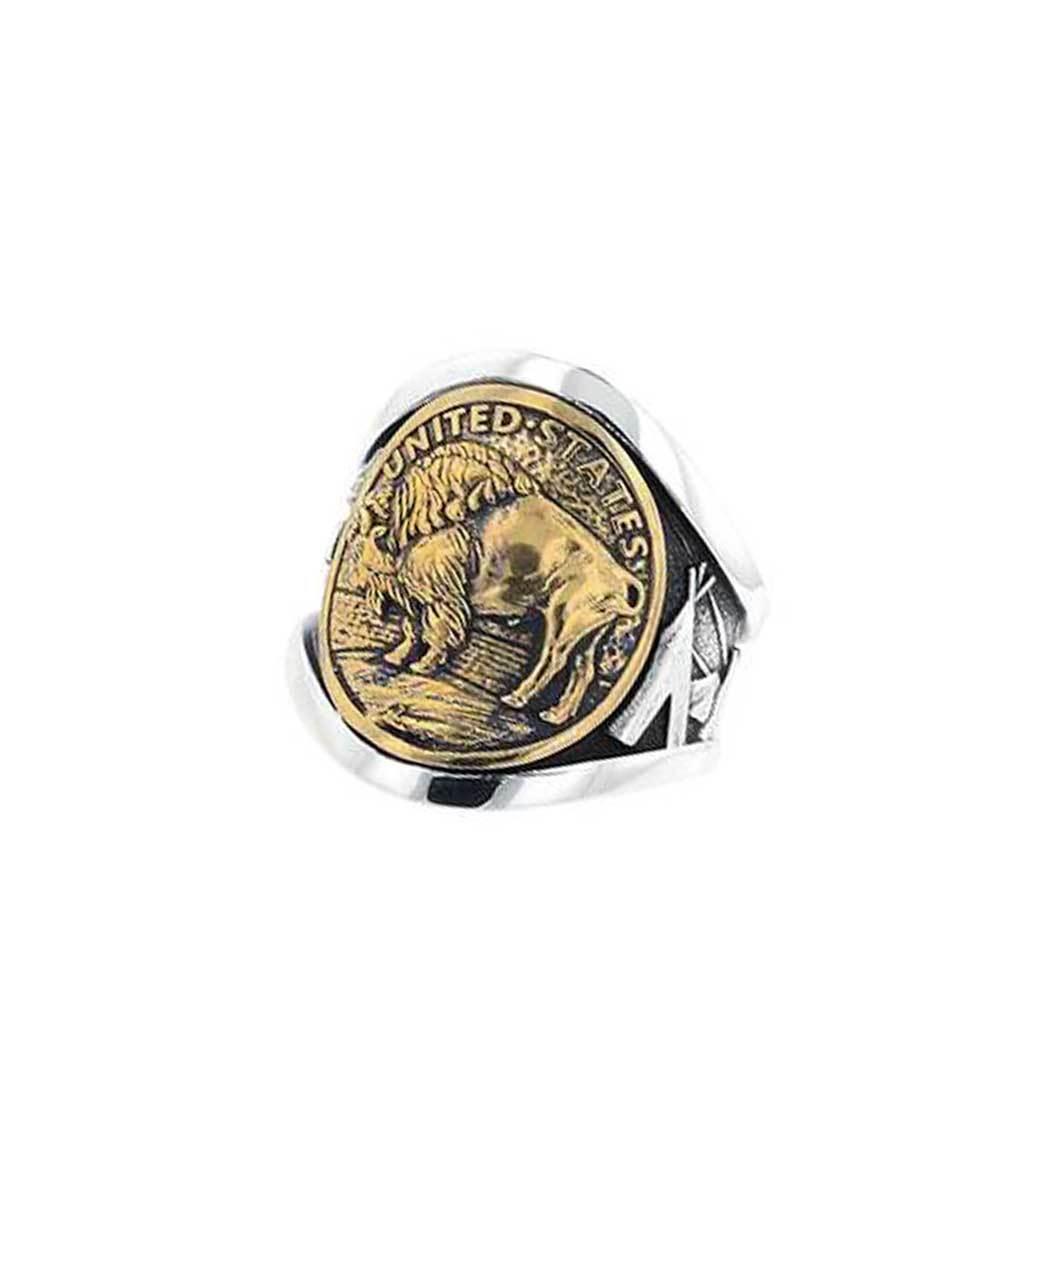 King Baby Buffalo Nickel Cigar Band Silver And Gold Alloy